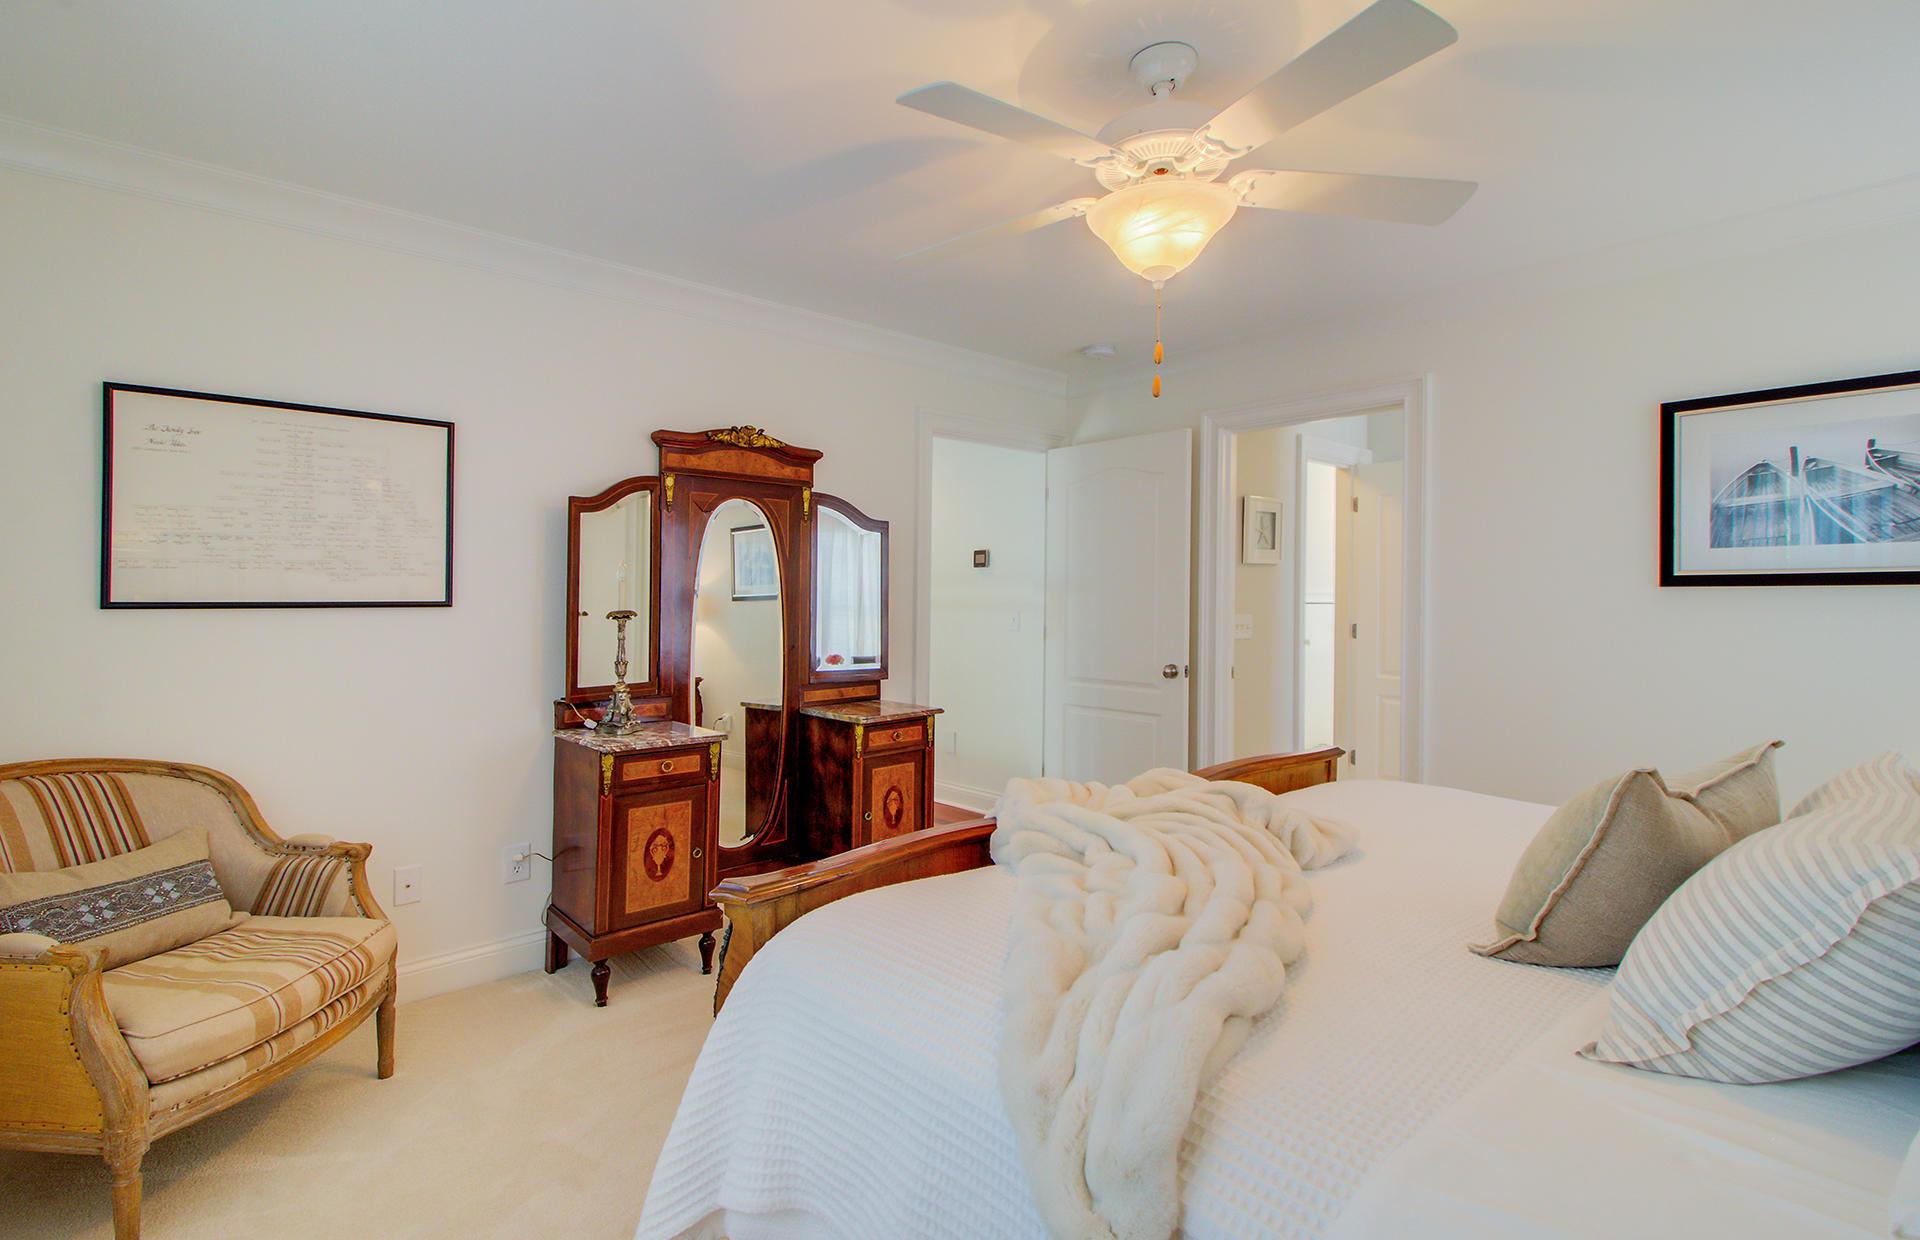 Dunes West Homes For Sale - 2913 Yachtsman, Mount Pleasant, SC - 8